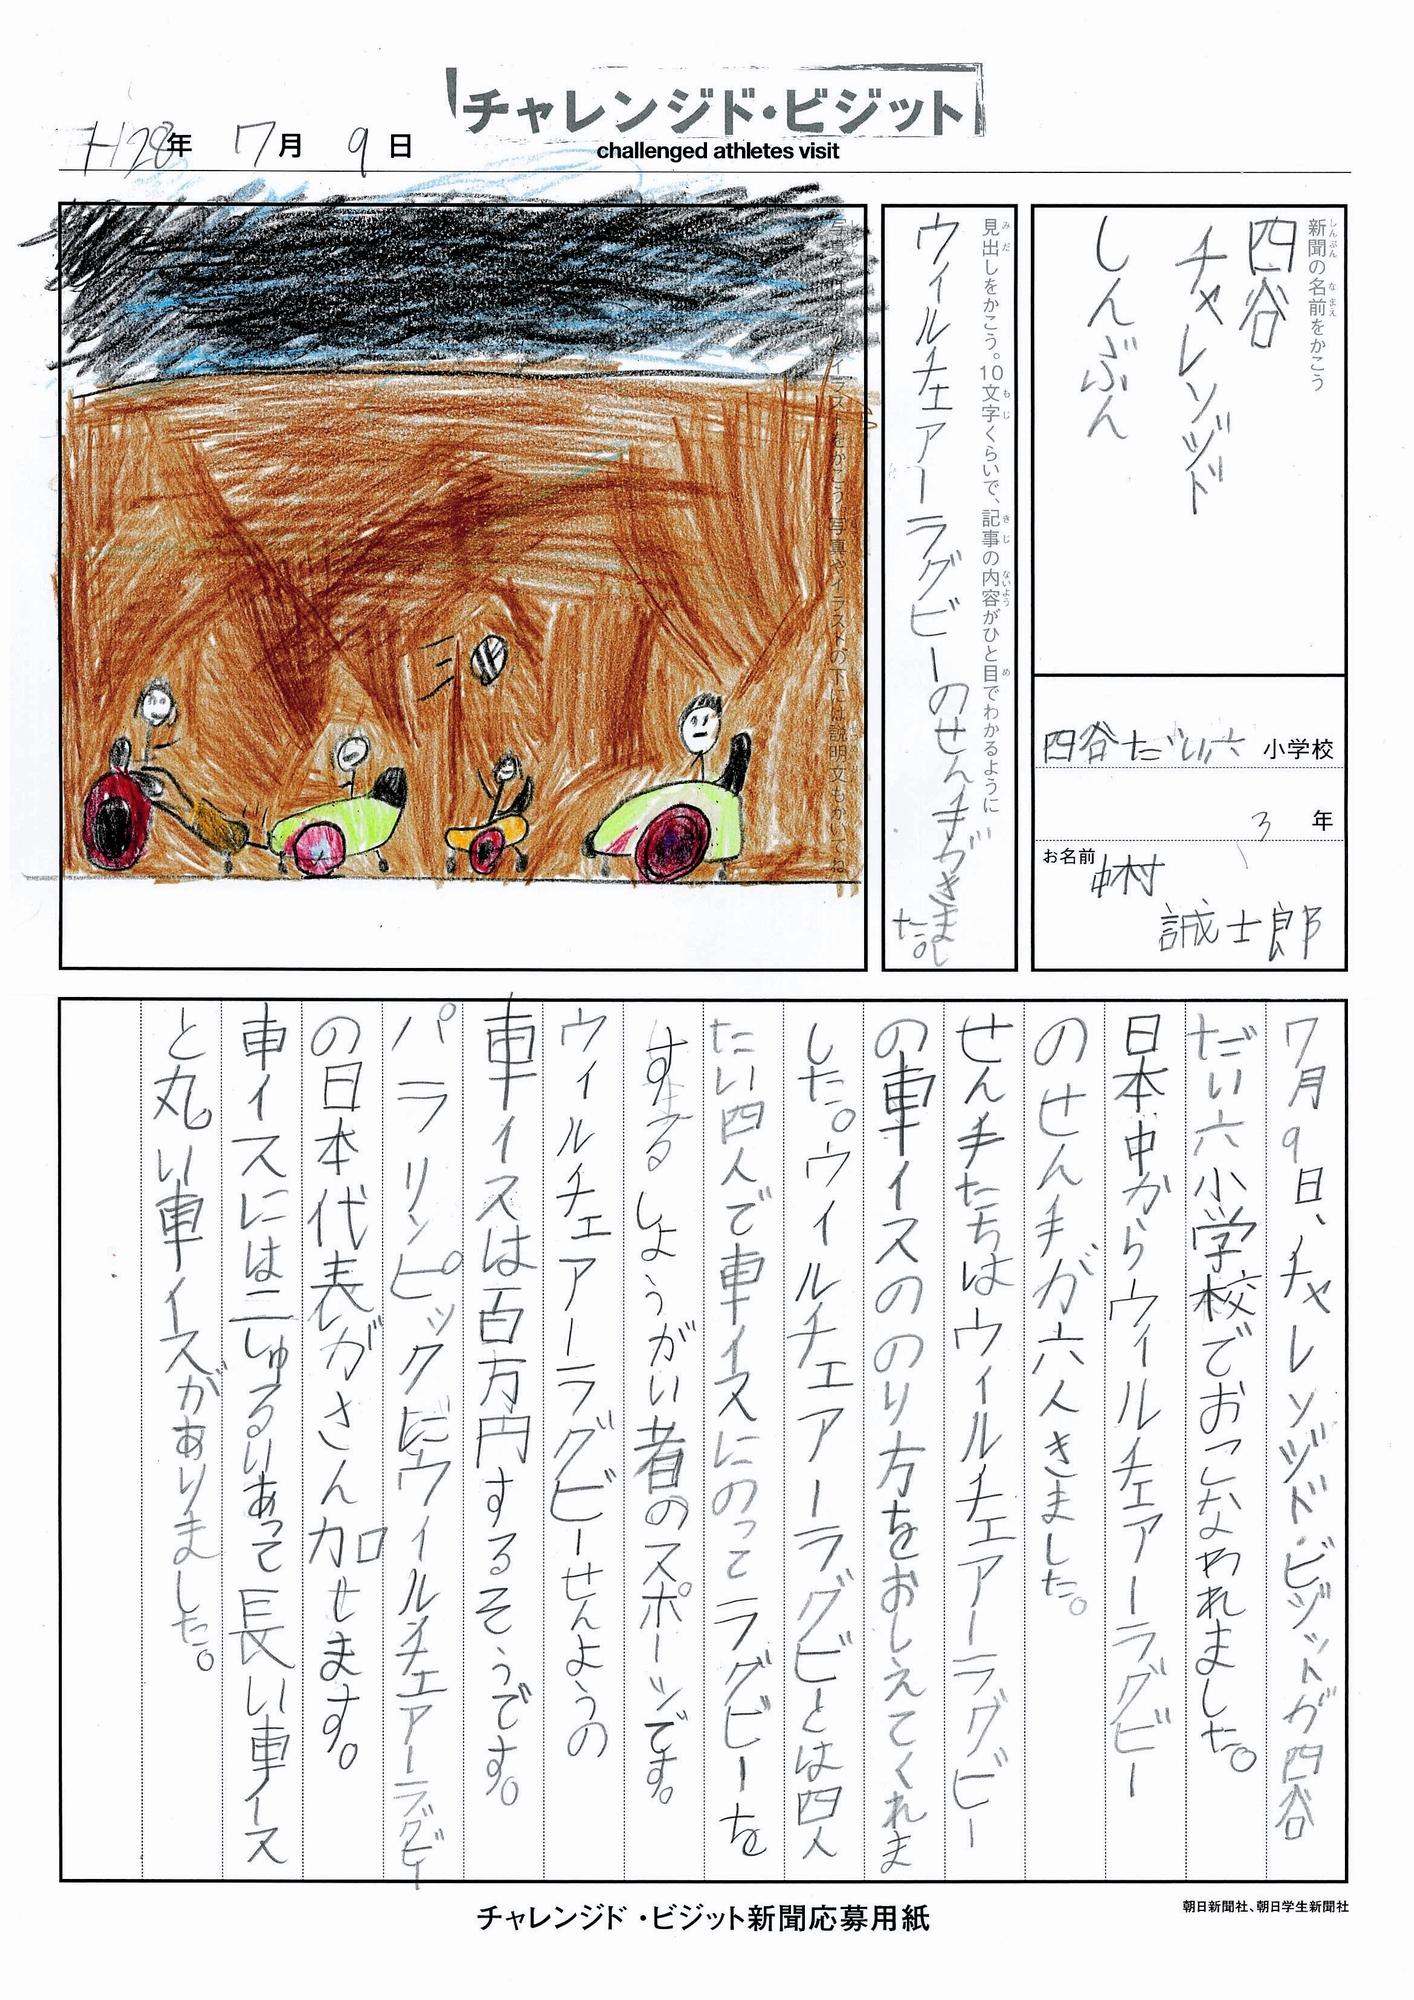 四谷チャレンジド新聞